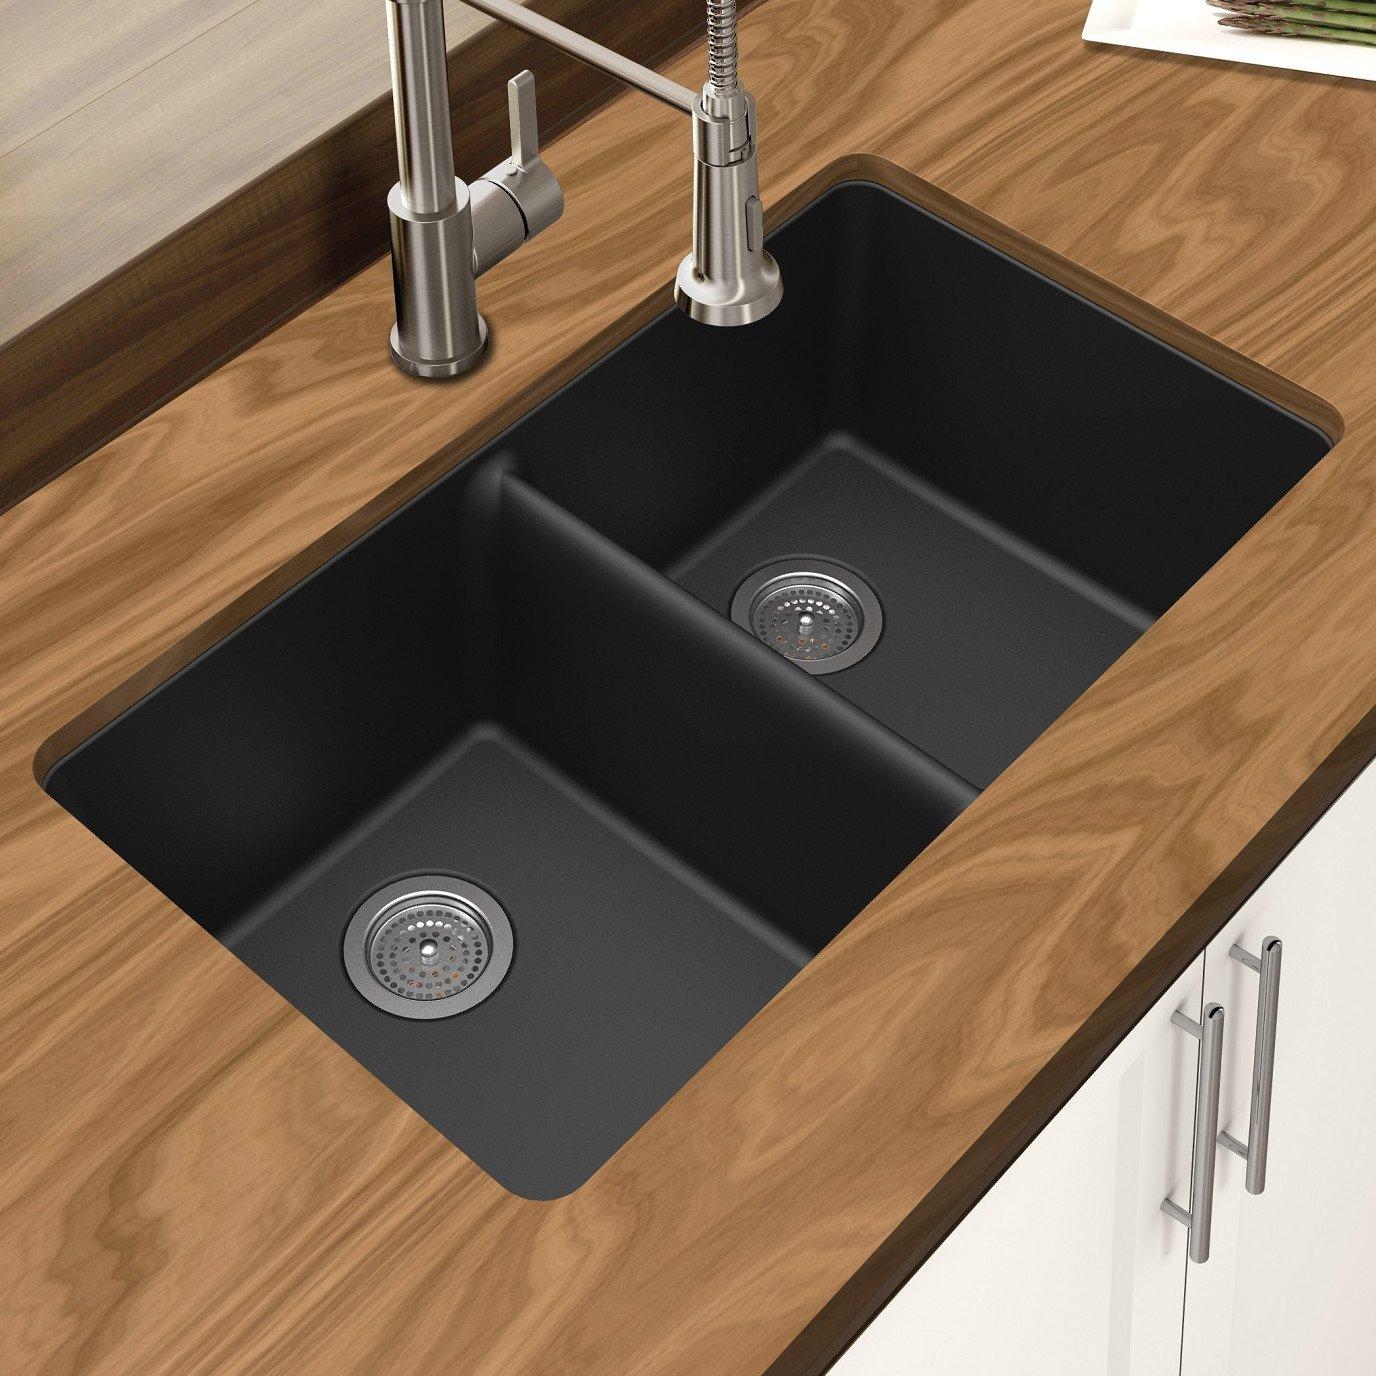 Winpro New Black Granite Quartz Jpg 1376x1376 Quartz Composite Sink Cleaning